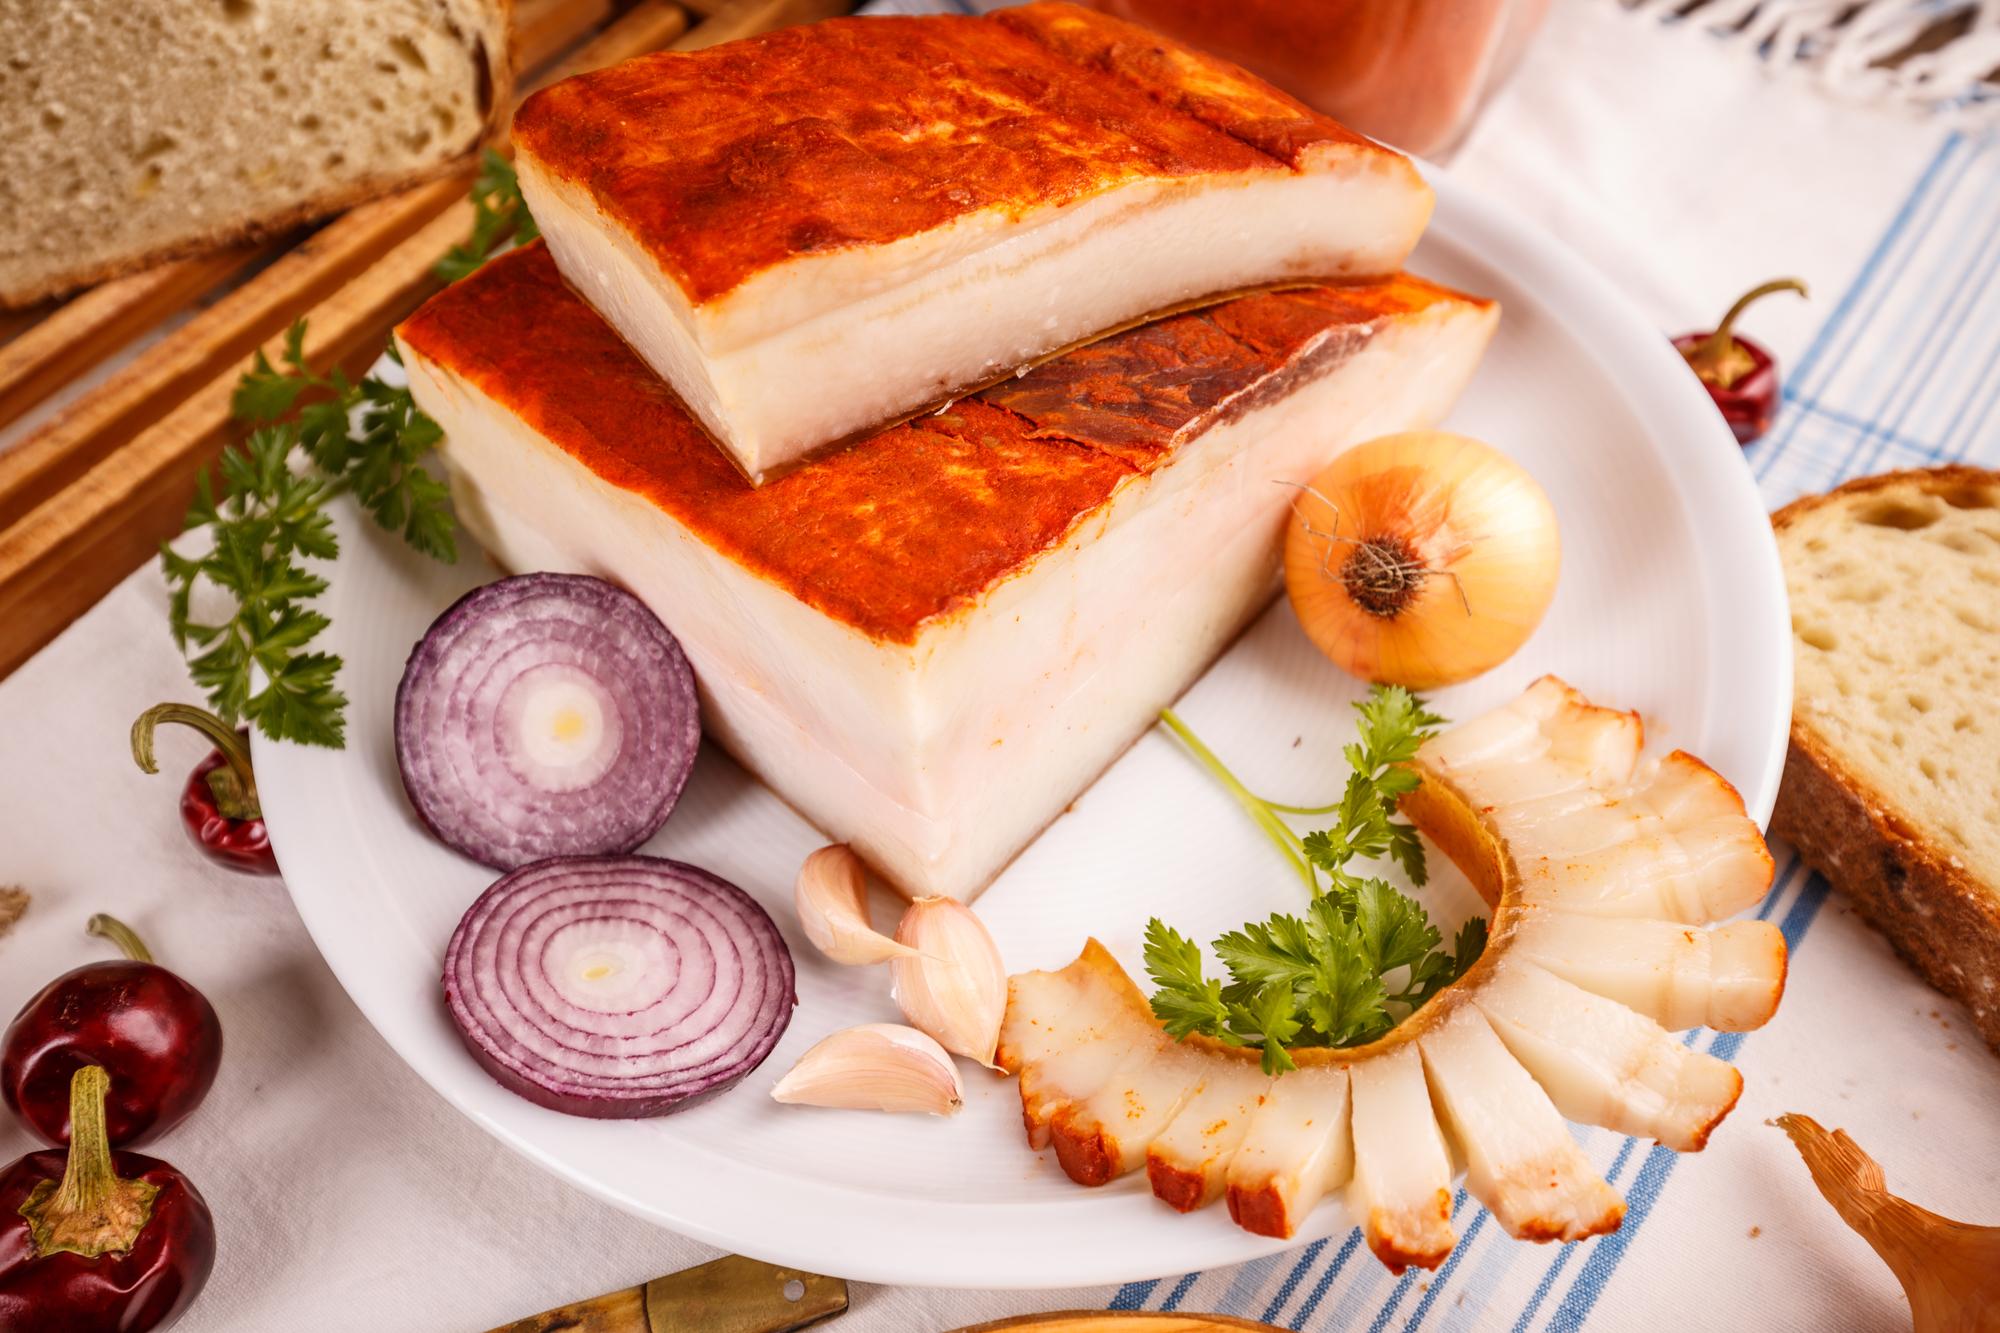 Шпик (сало) по-венгерски